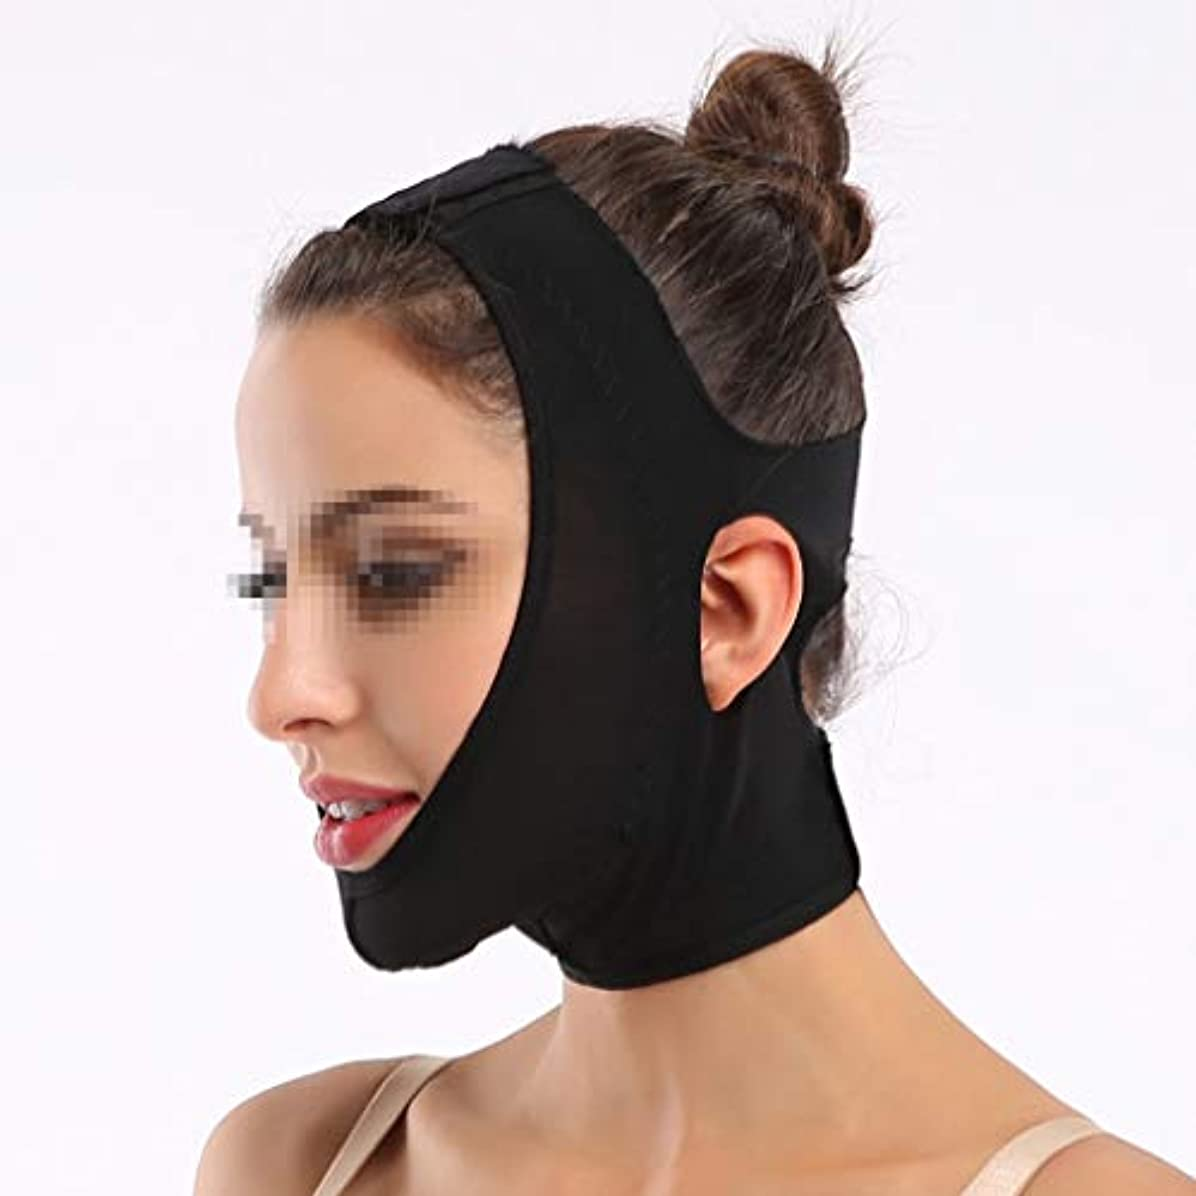 堂々たる捧げる種類Vフェイスマスク、包帯マスクを持ち上げて引き締めるスキニービューティーサロン1日2時間Vフェイスマッサージ術後回復